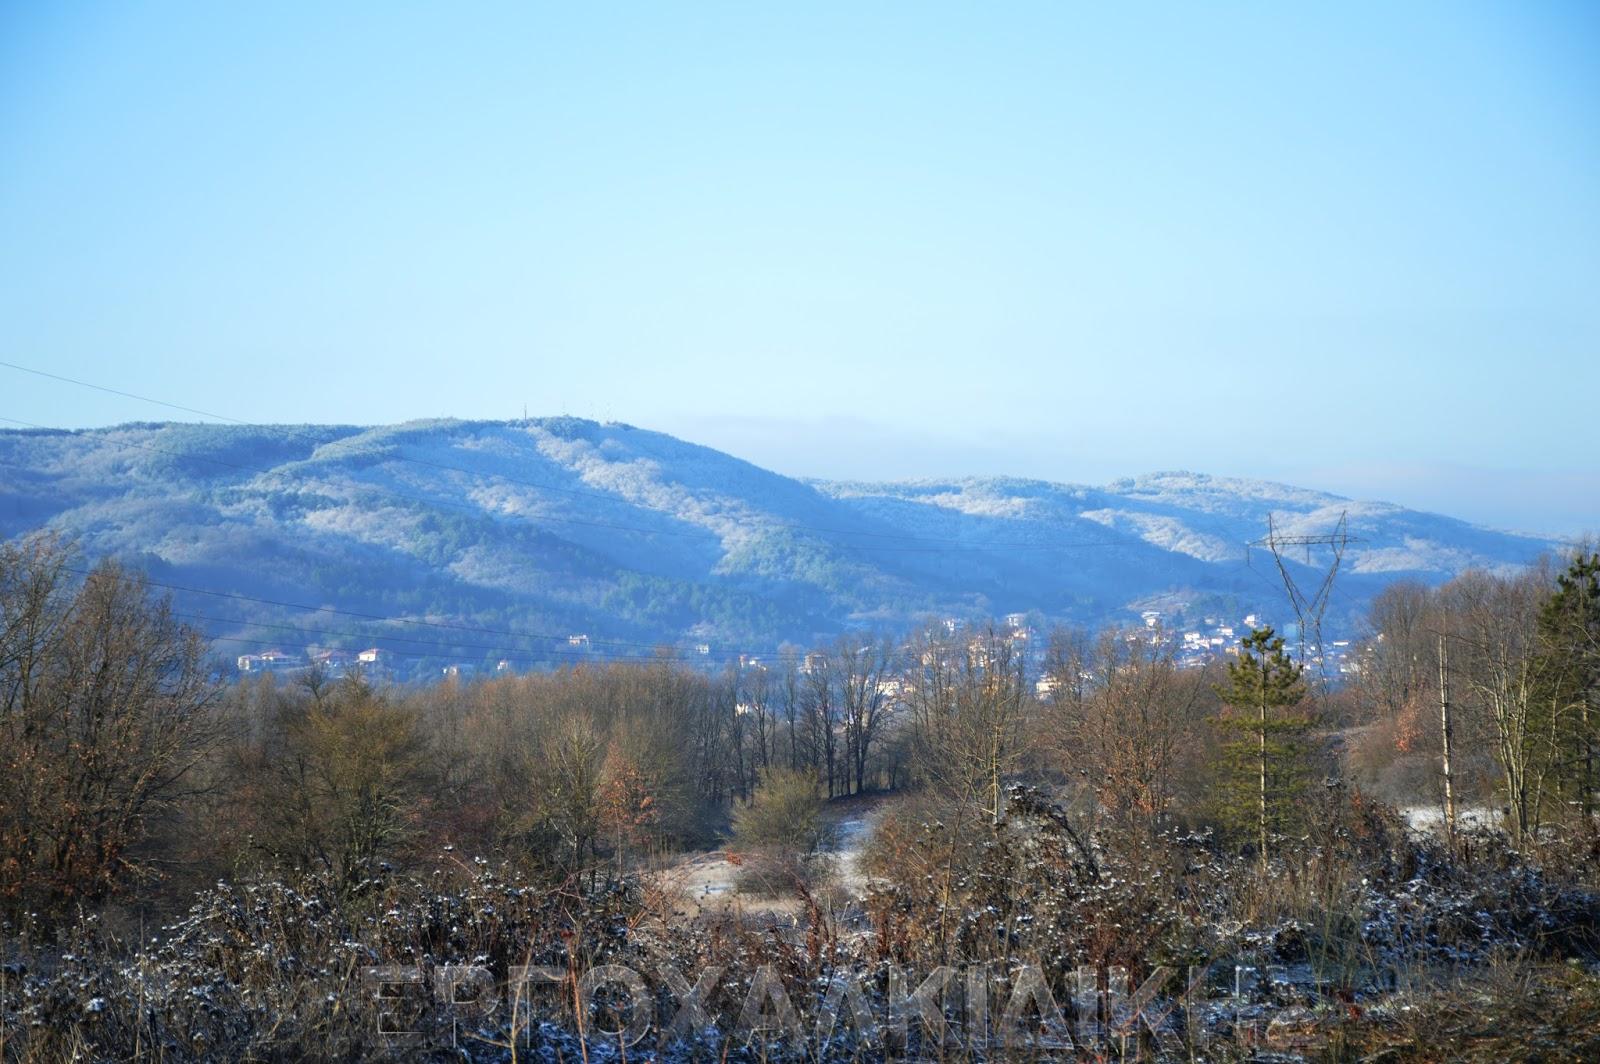 Το κρύο θα είναι το κύριο χαρακτηριστικό του καιρού της εβδομάδας στην Χαλκιδική